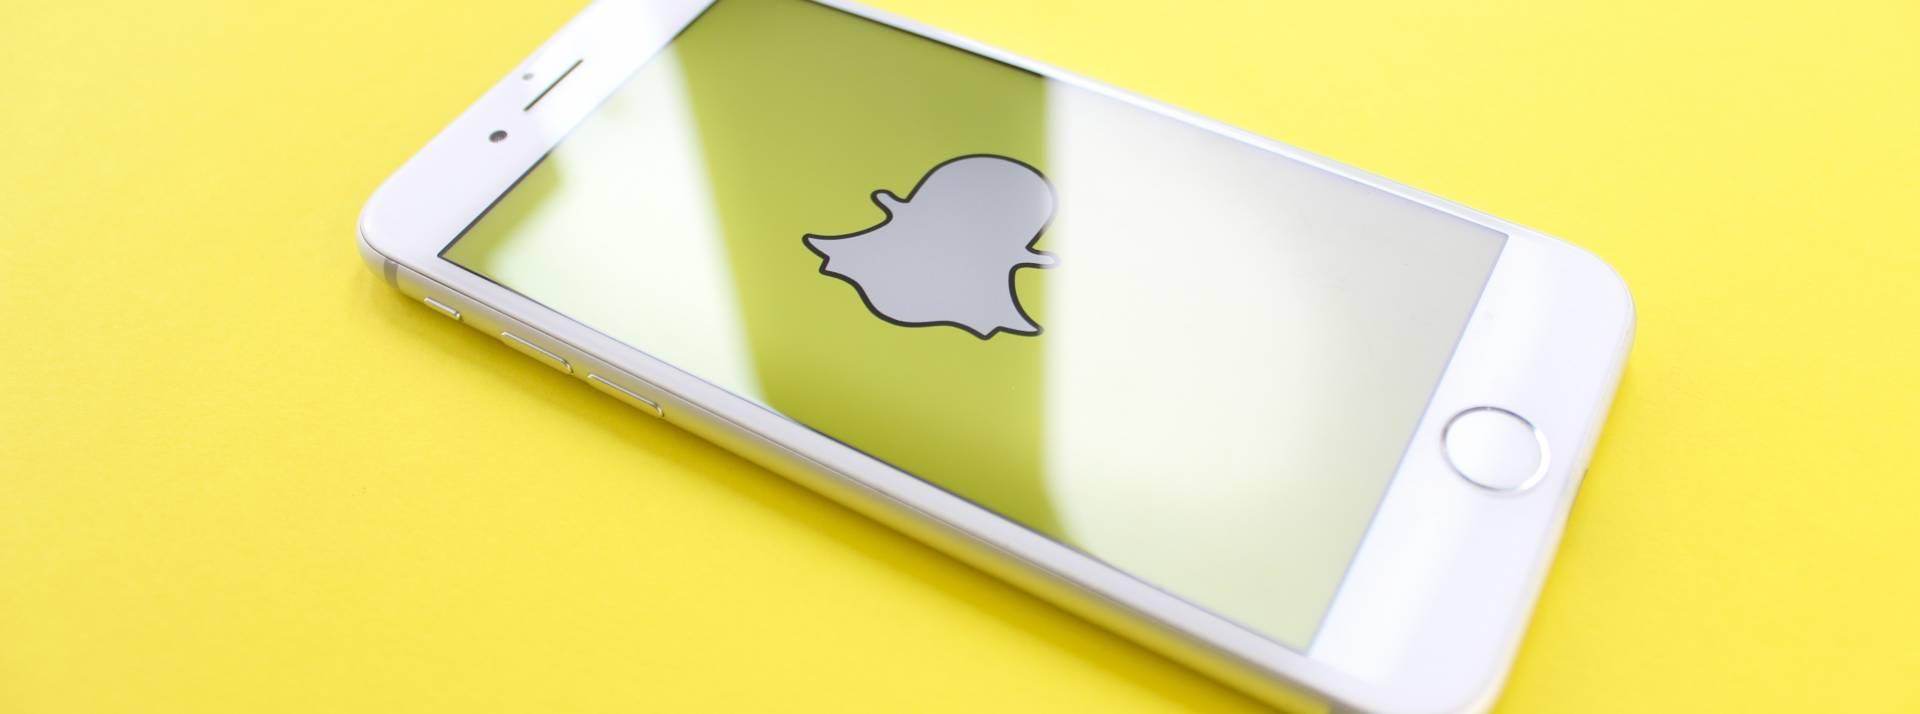 Smartphone avec le logo Snapchat au centre